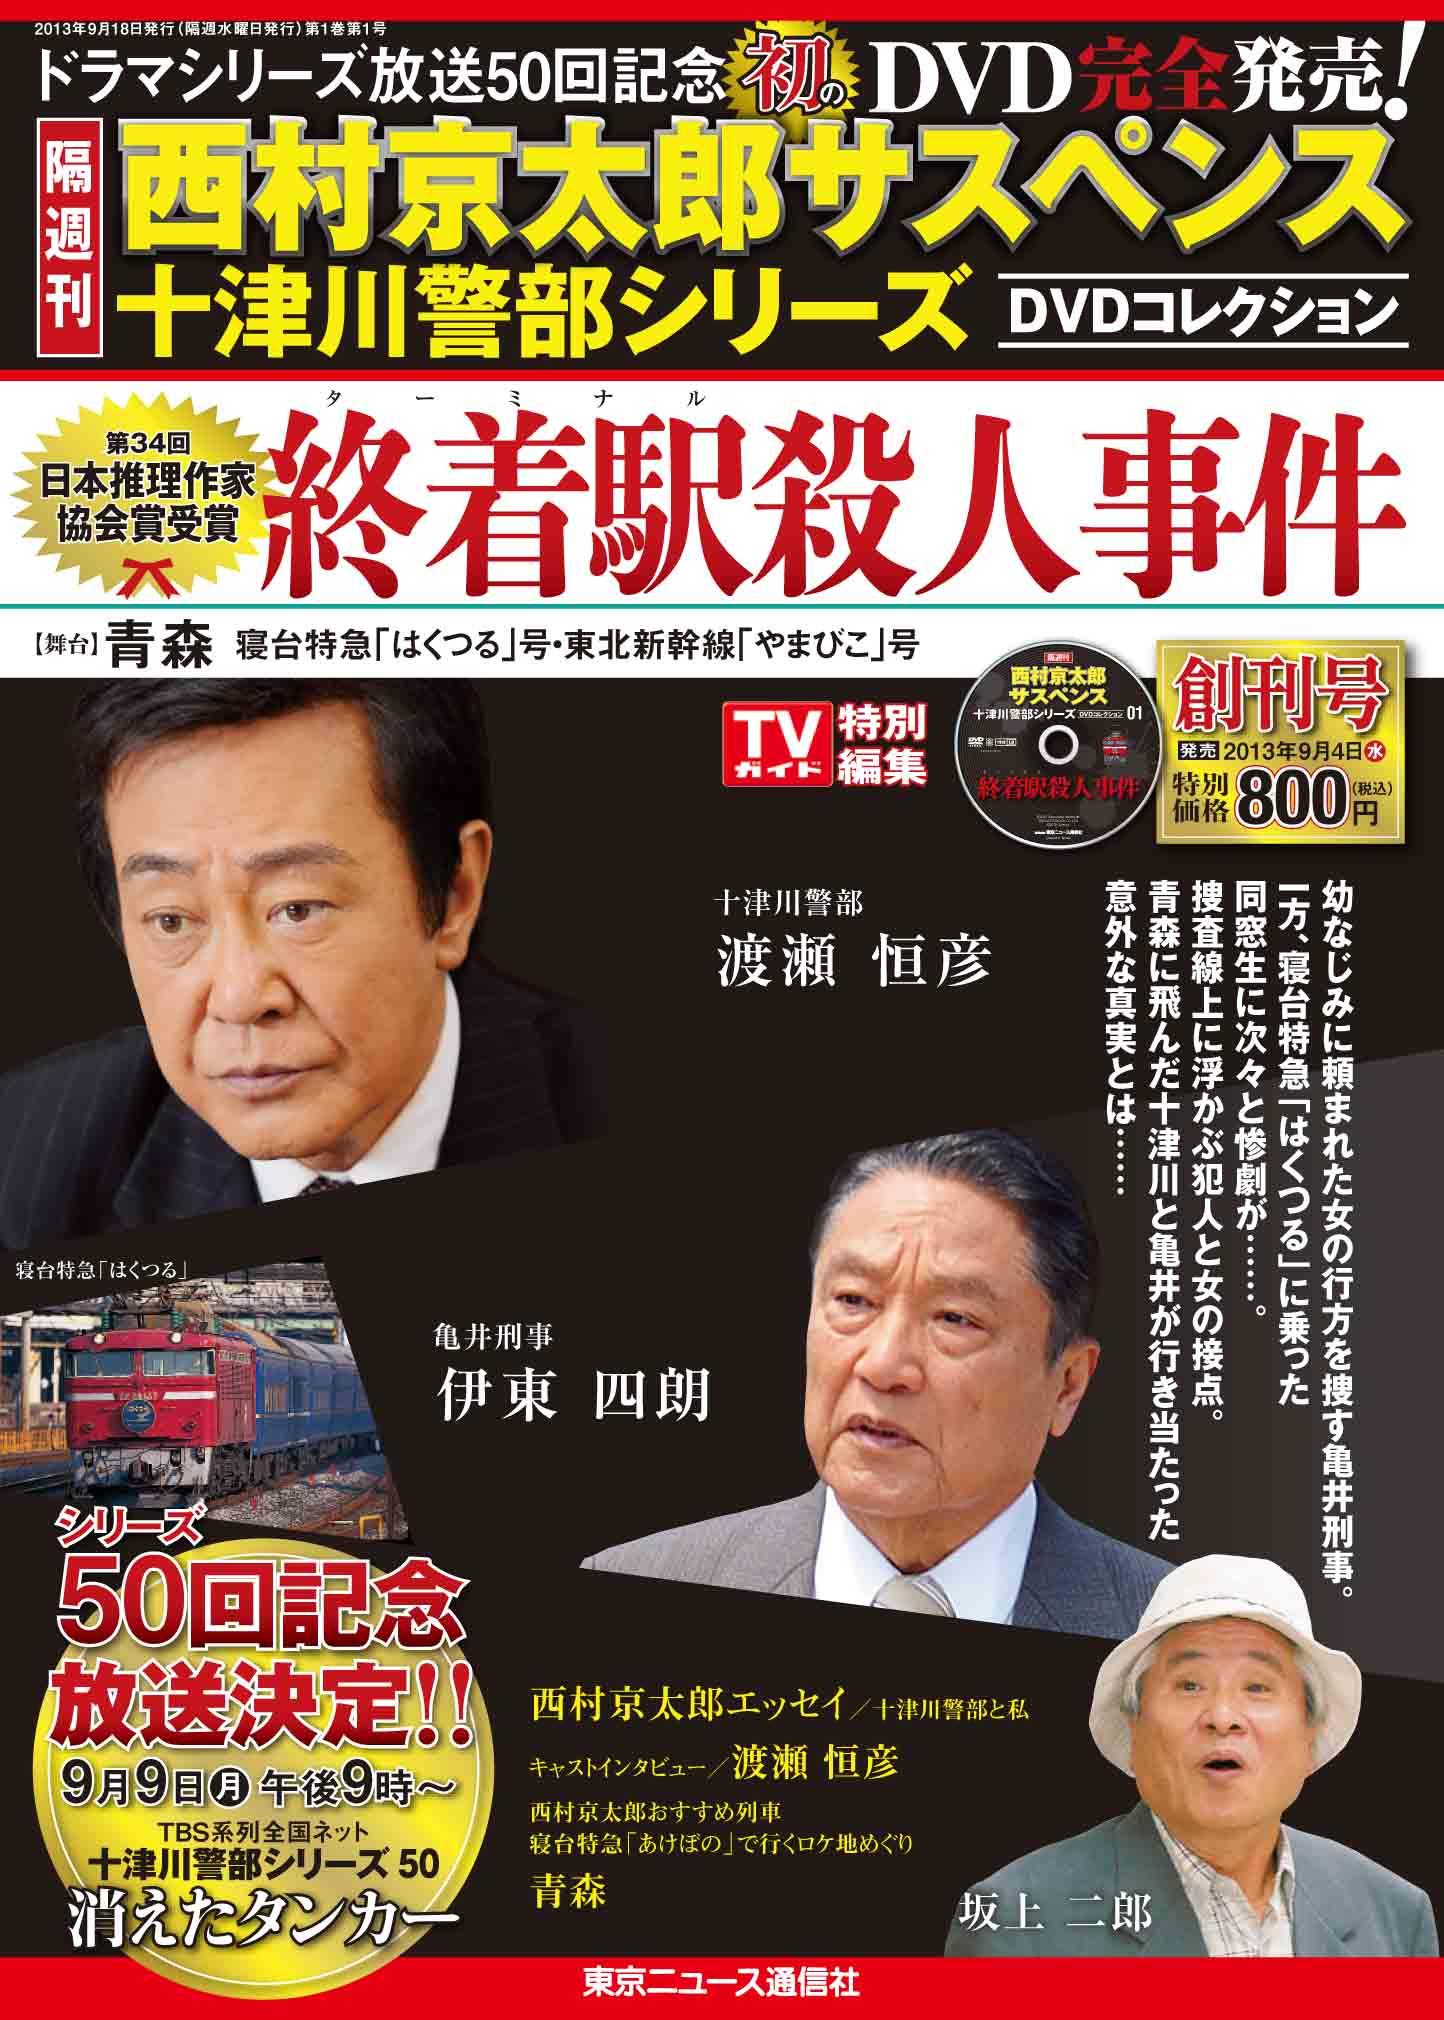 テレビ 東京 十津川 警部